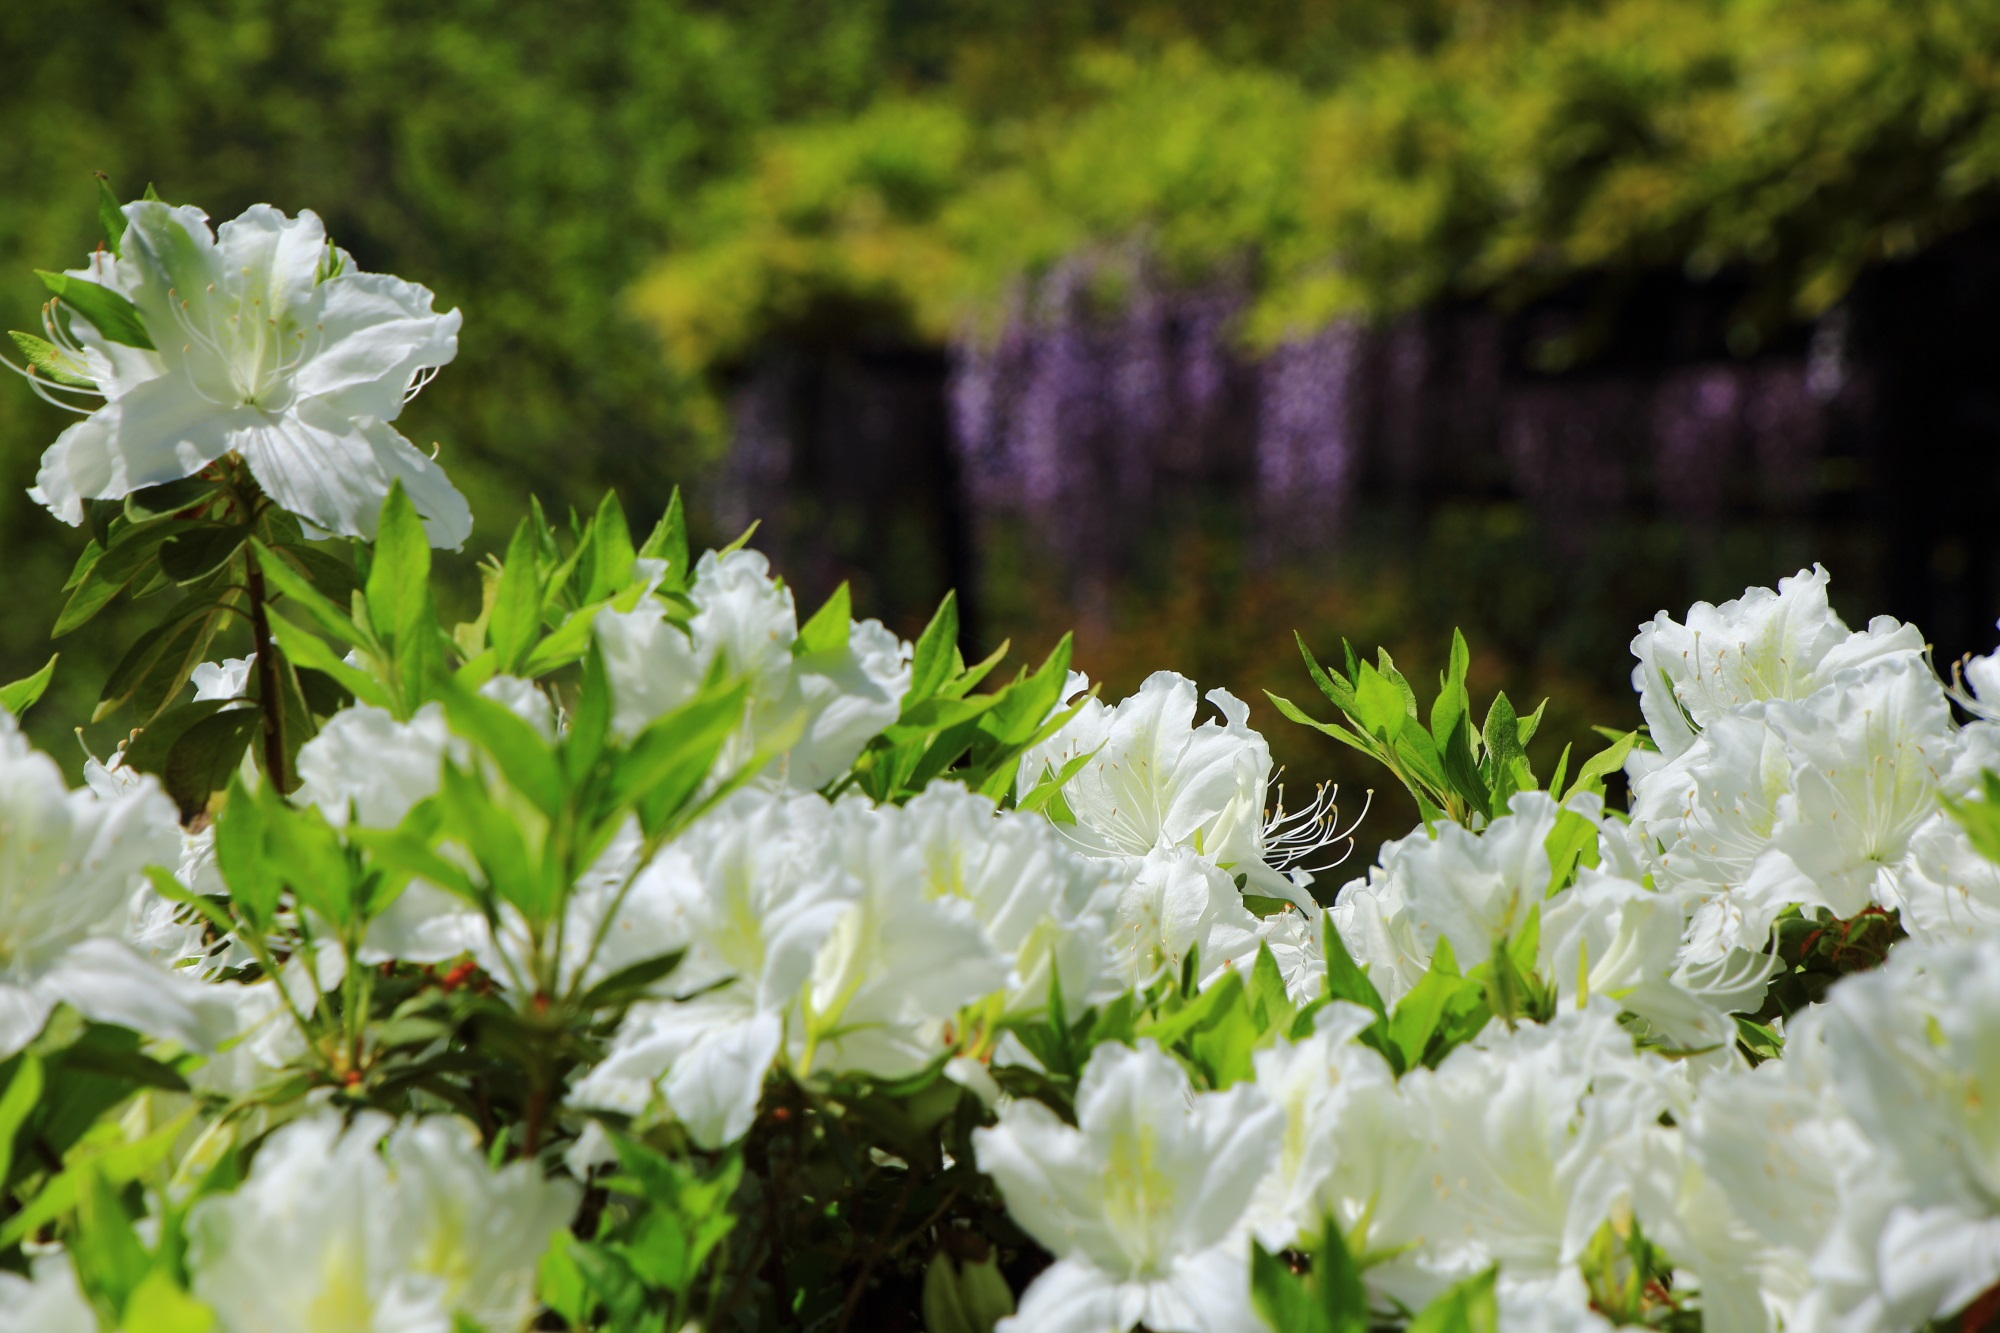 梅宮大社の爽やかな白いツツジの花と薄紫の藤の花